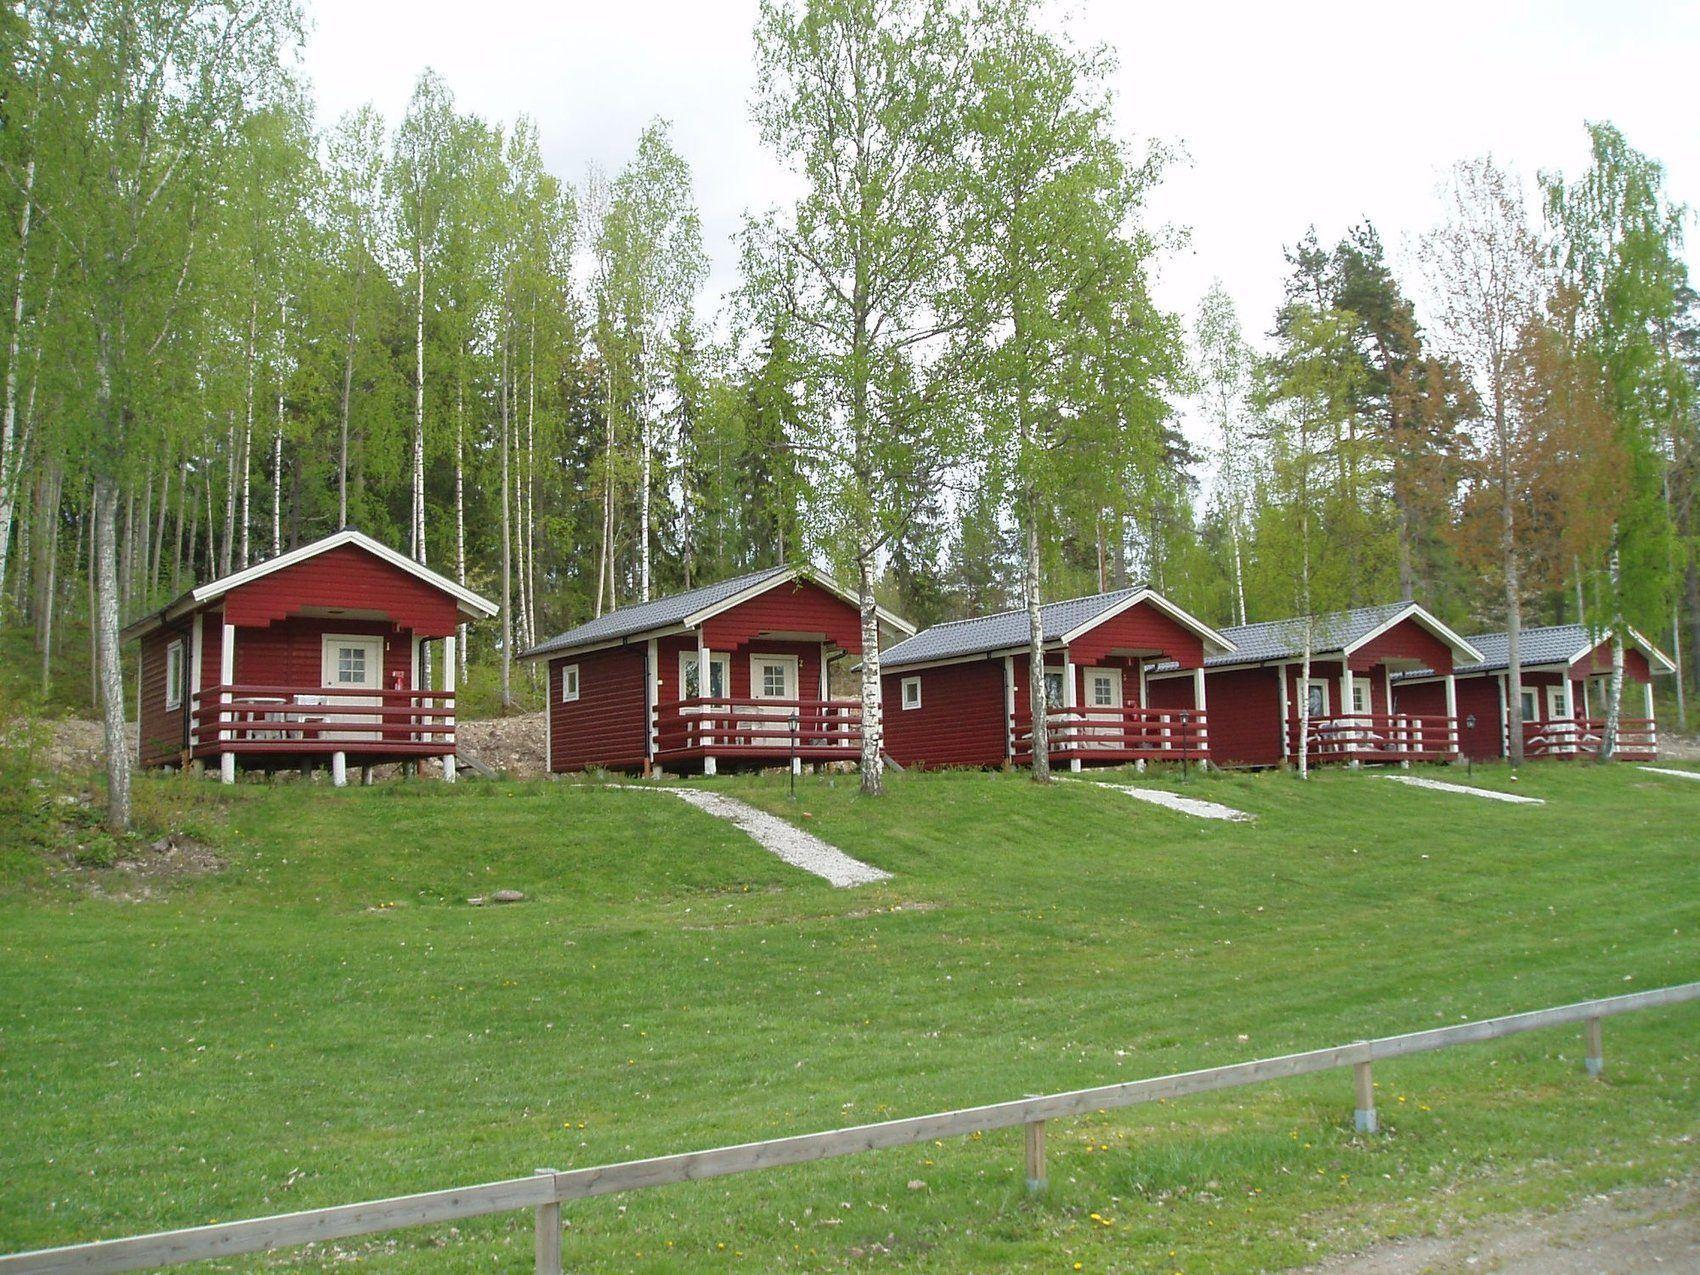 Röda campingstugor ligger på rad på en lite upphöjd gräsplan.